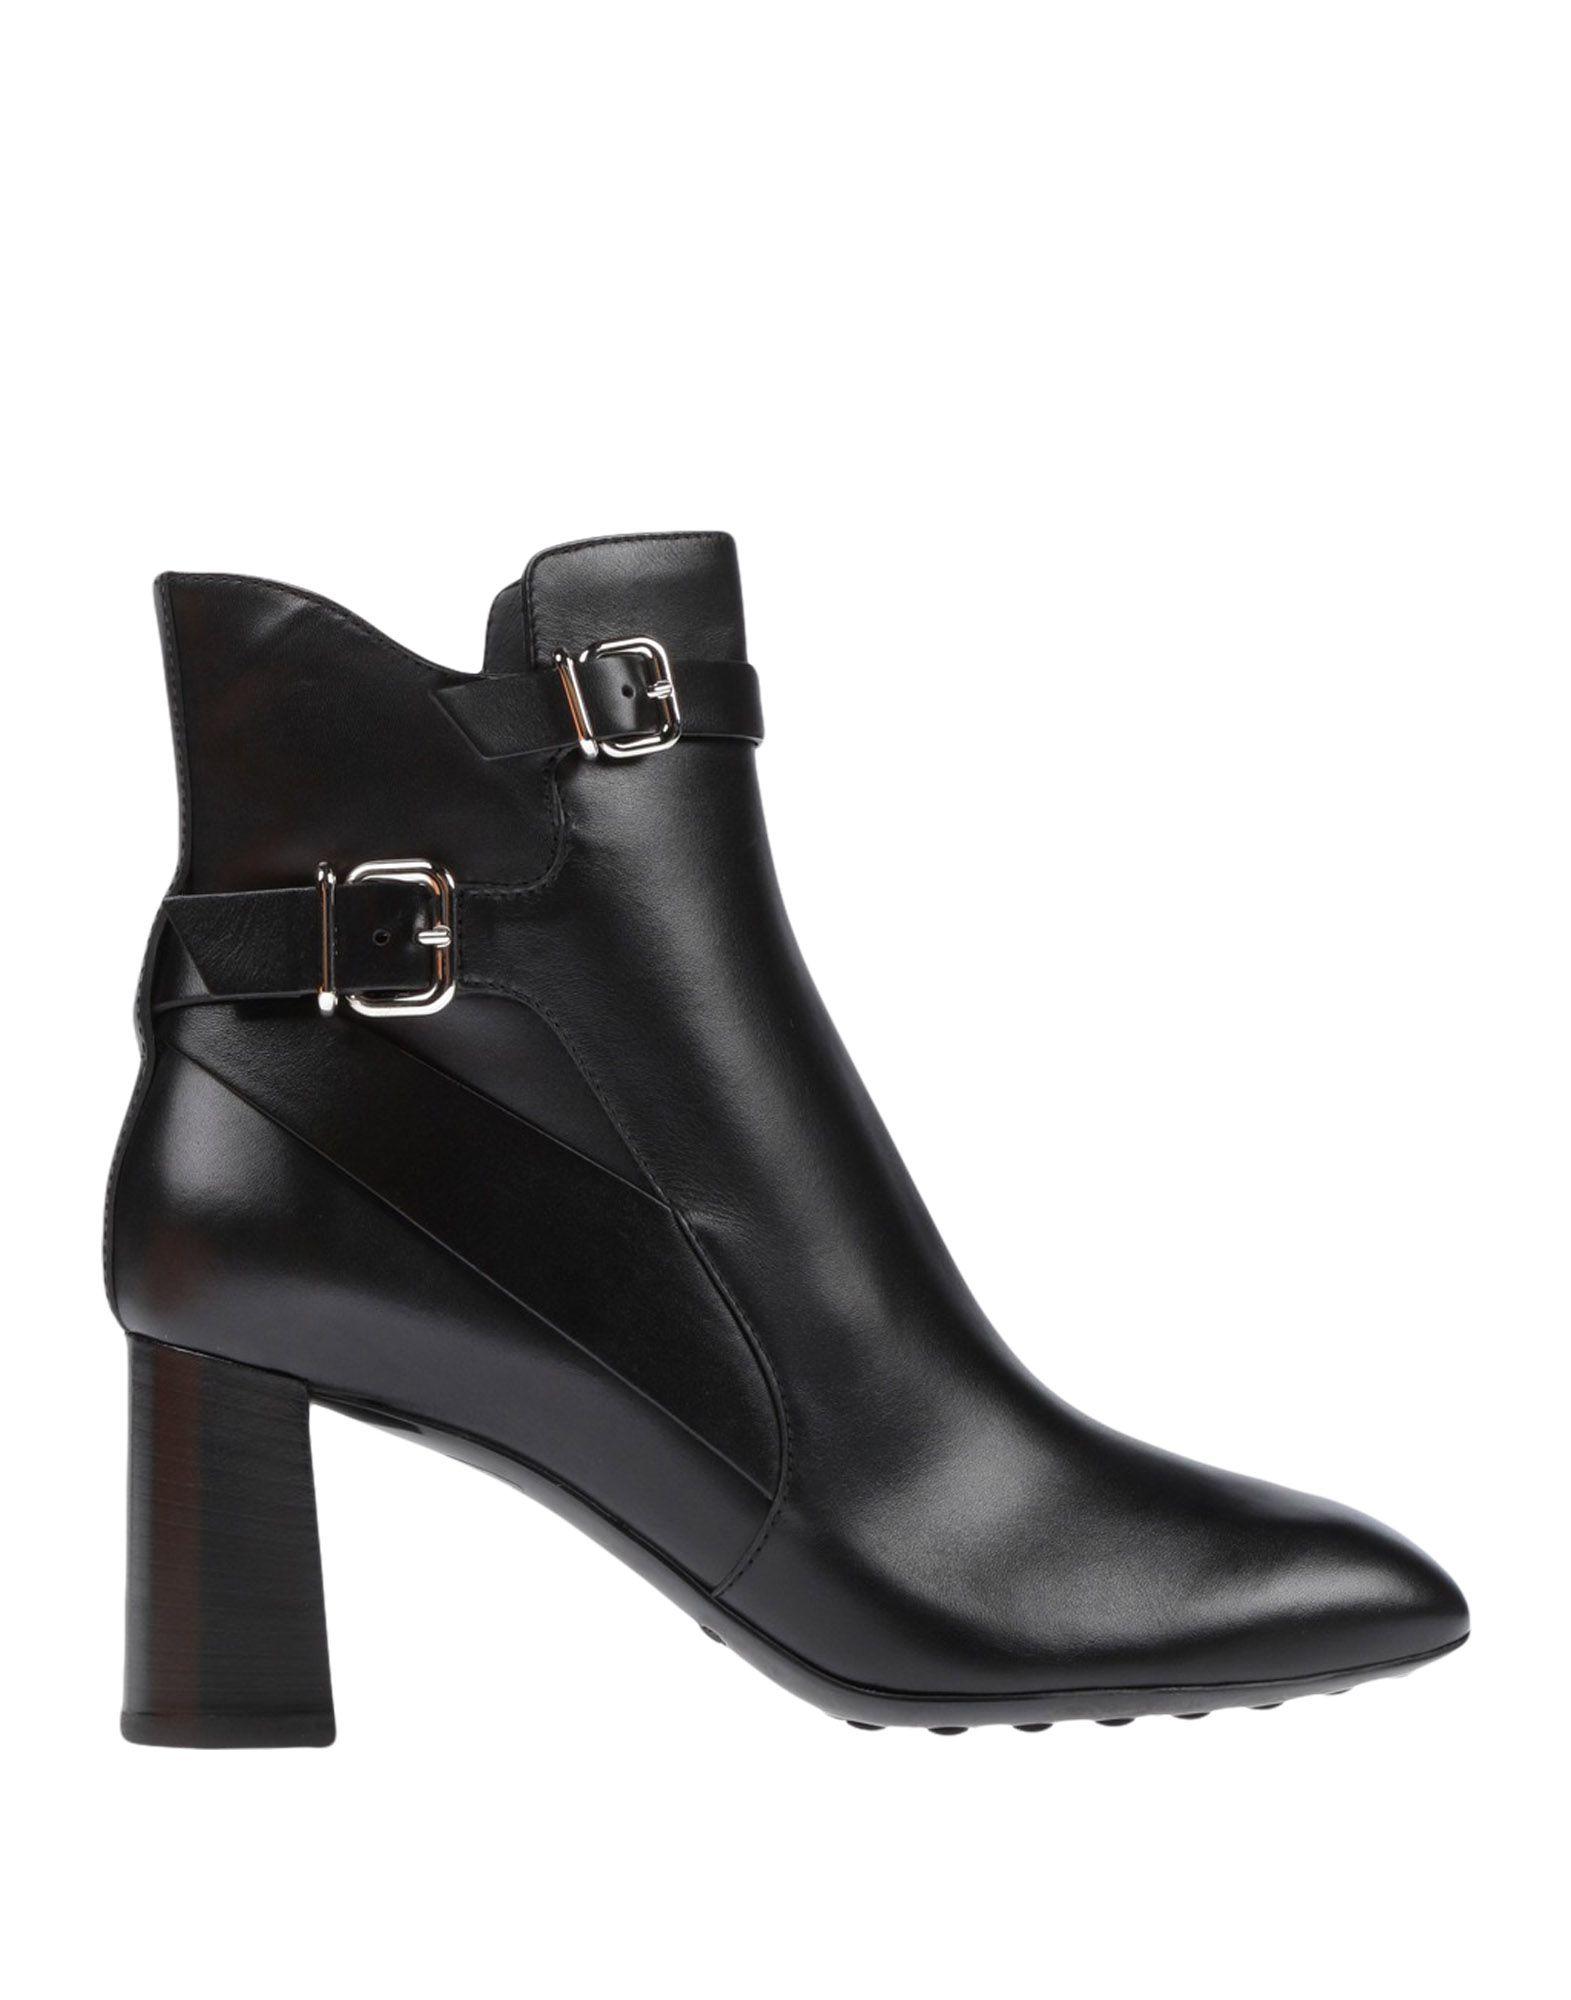 Haltbare Mode billige Schuhe Tod's Stiefelette Damen  11542278TW Heiße Schuhe